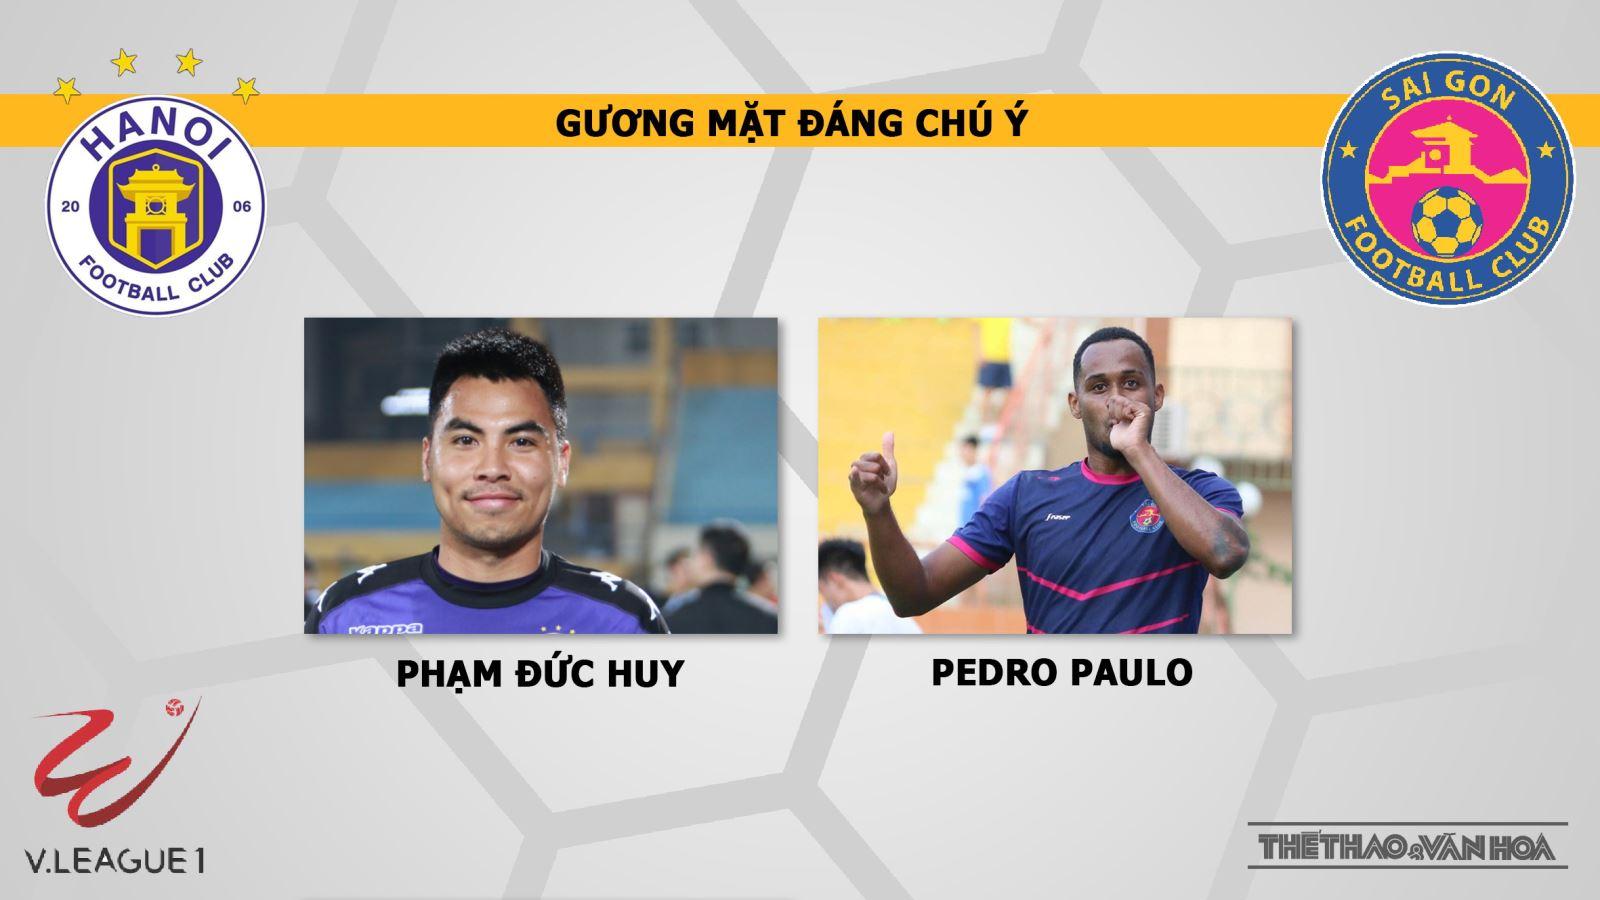 VTV6, VTV6 trực tiếp bóng đá, truc tiep bong da, trực tiếp bóng đá, Hf Nội đấu với Sài Gòn, Ha Noi vs Sai Gon, Sài Gòn, Hà Nội FC, bảng xếp hạng V League 2019, BĐTV, FPT, TTTV